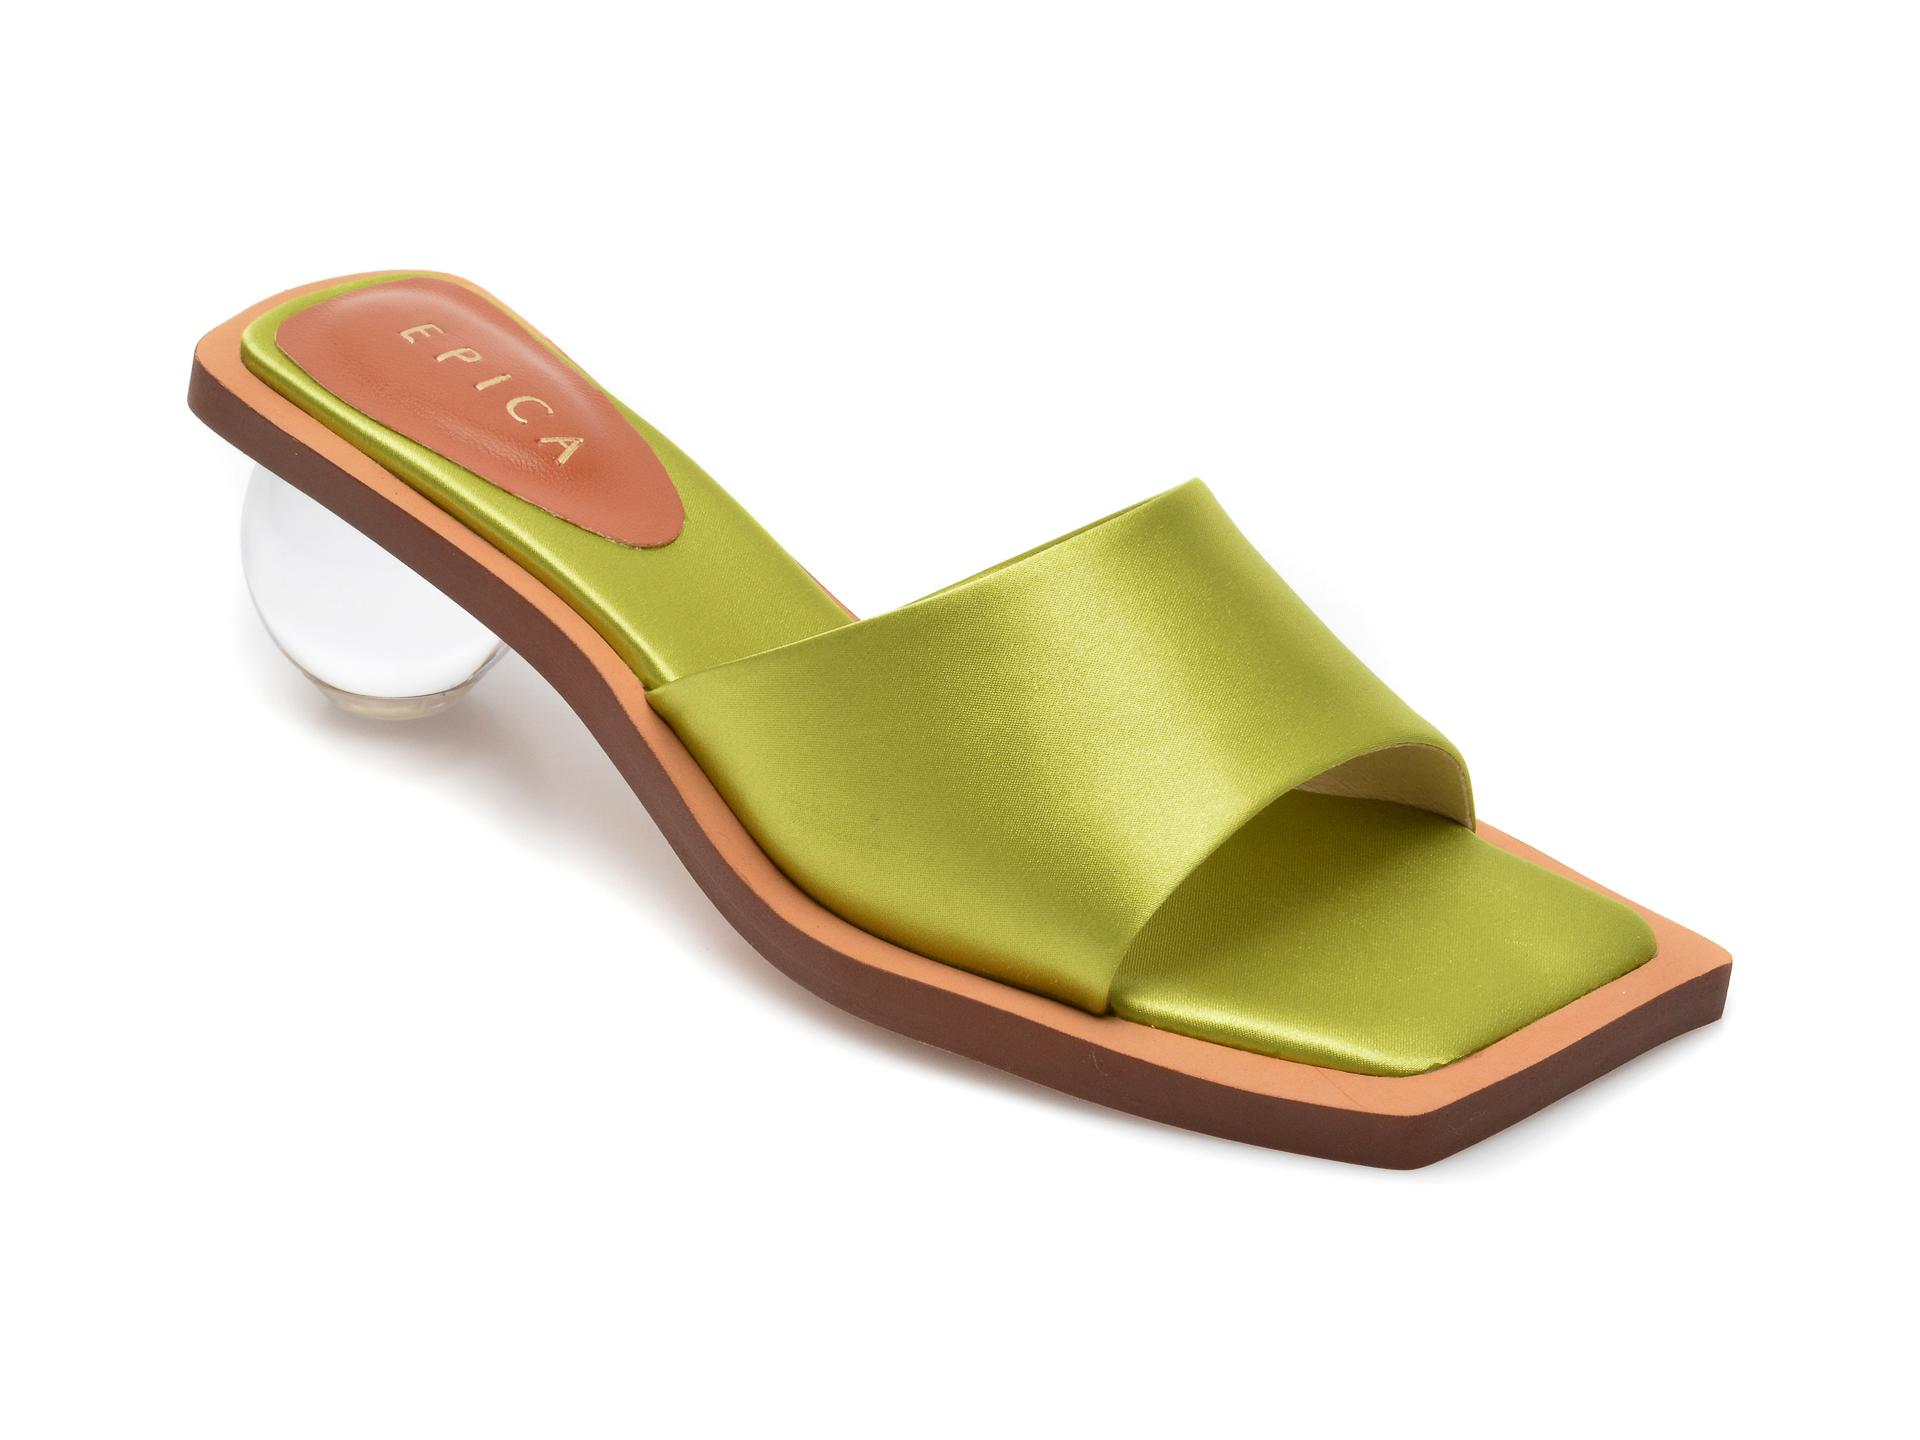 Papuci EPICA verzi, L306D62, din material textil imagine otter.ro 2021